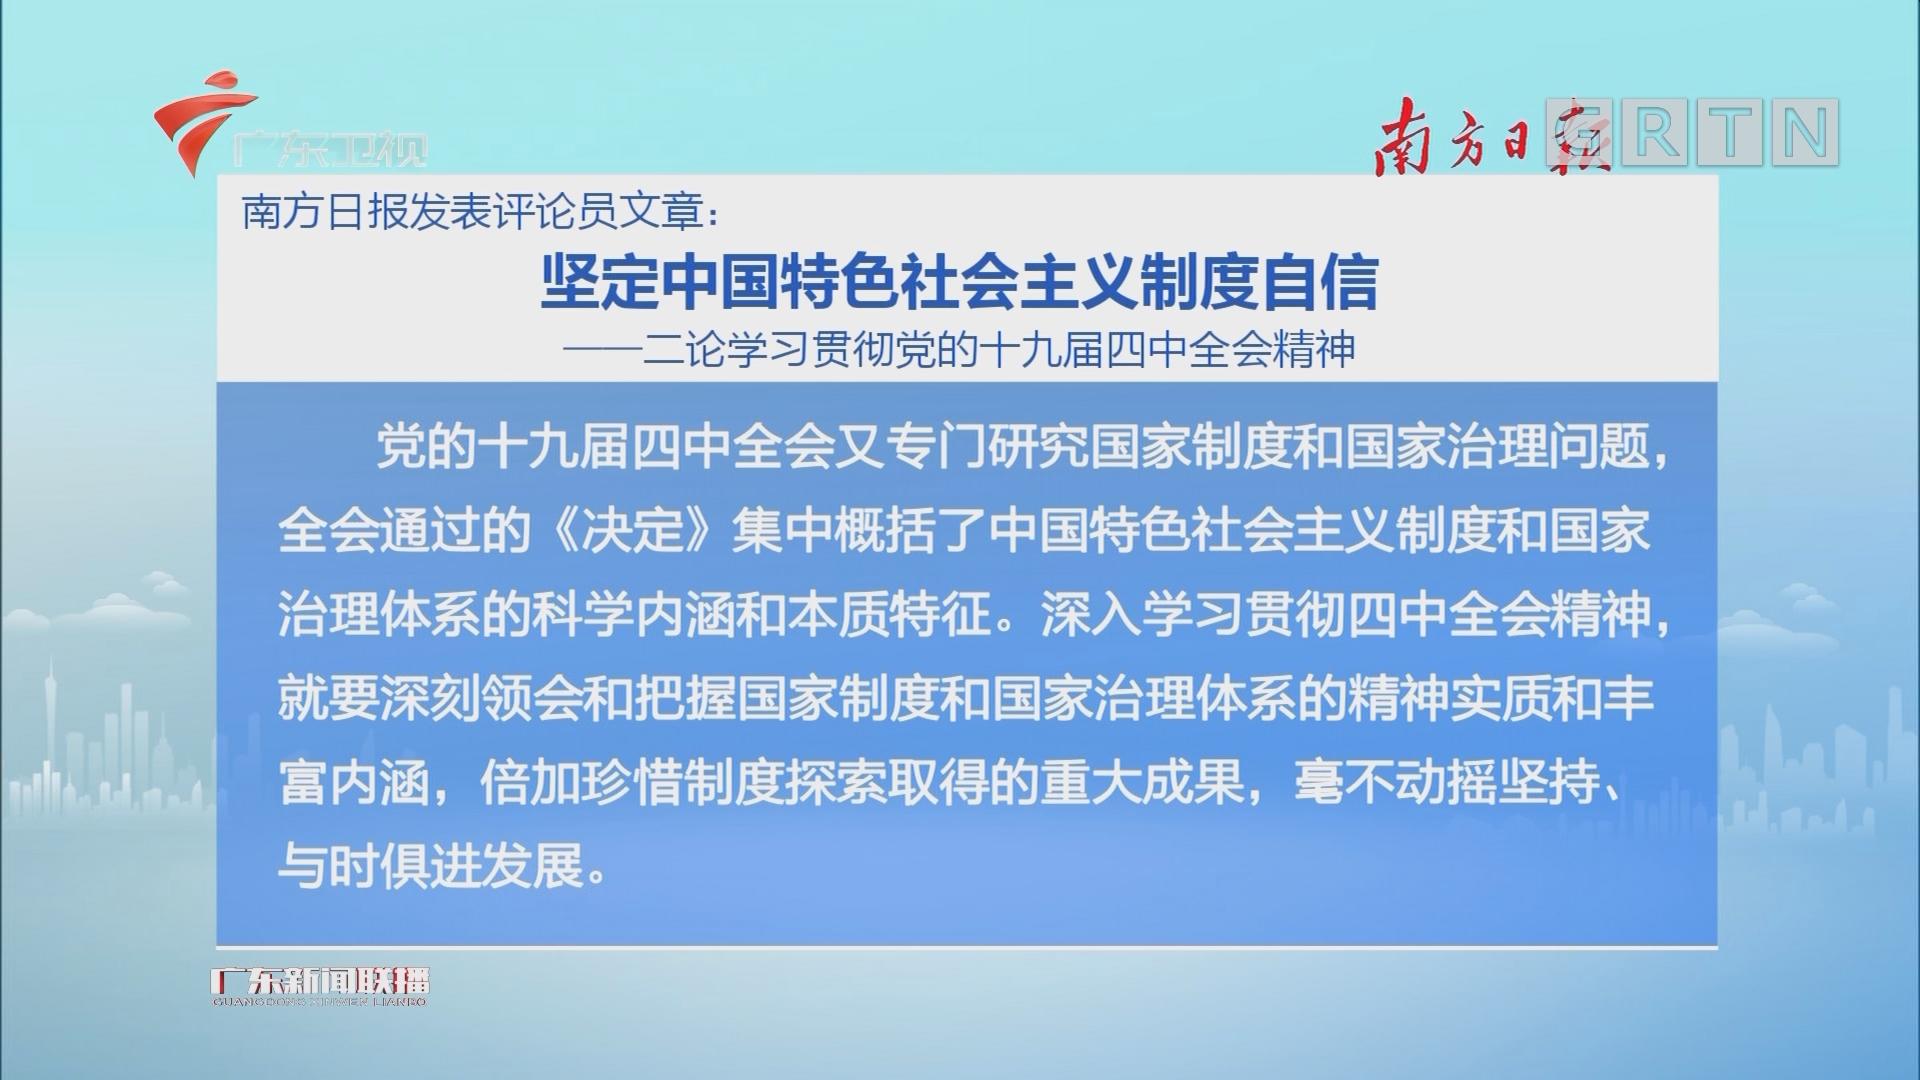 南方日报发表评论员文章:坚定中国特色社会主义制度自信——二论学习贯彻党的十九届四中全会精神